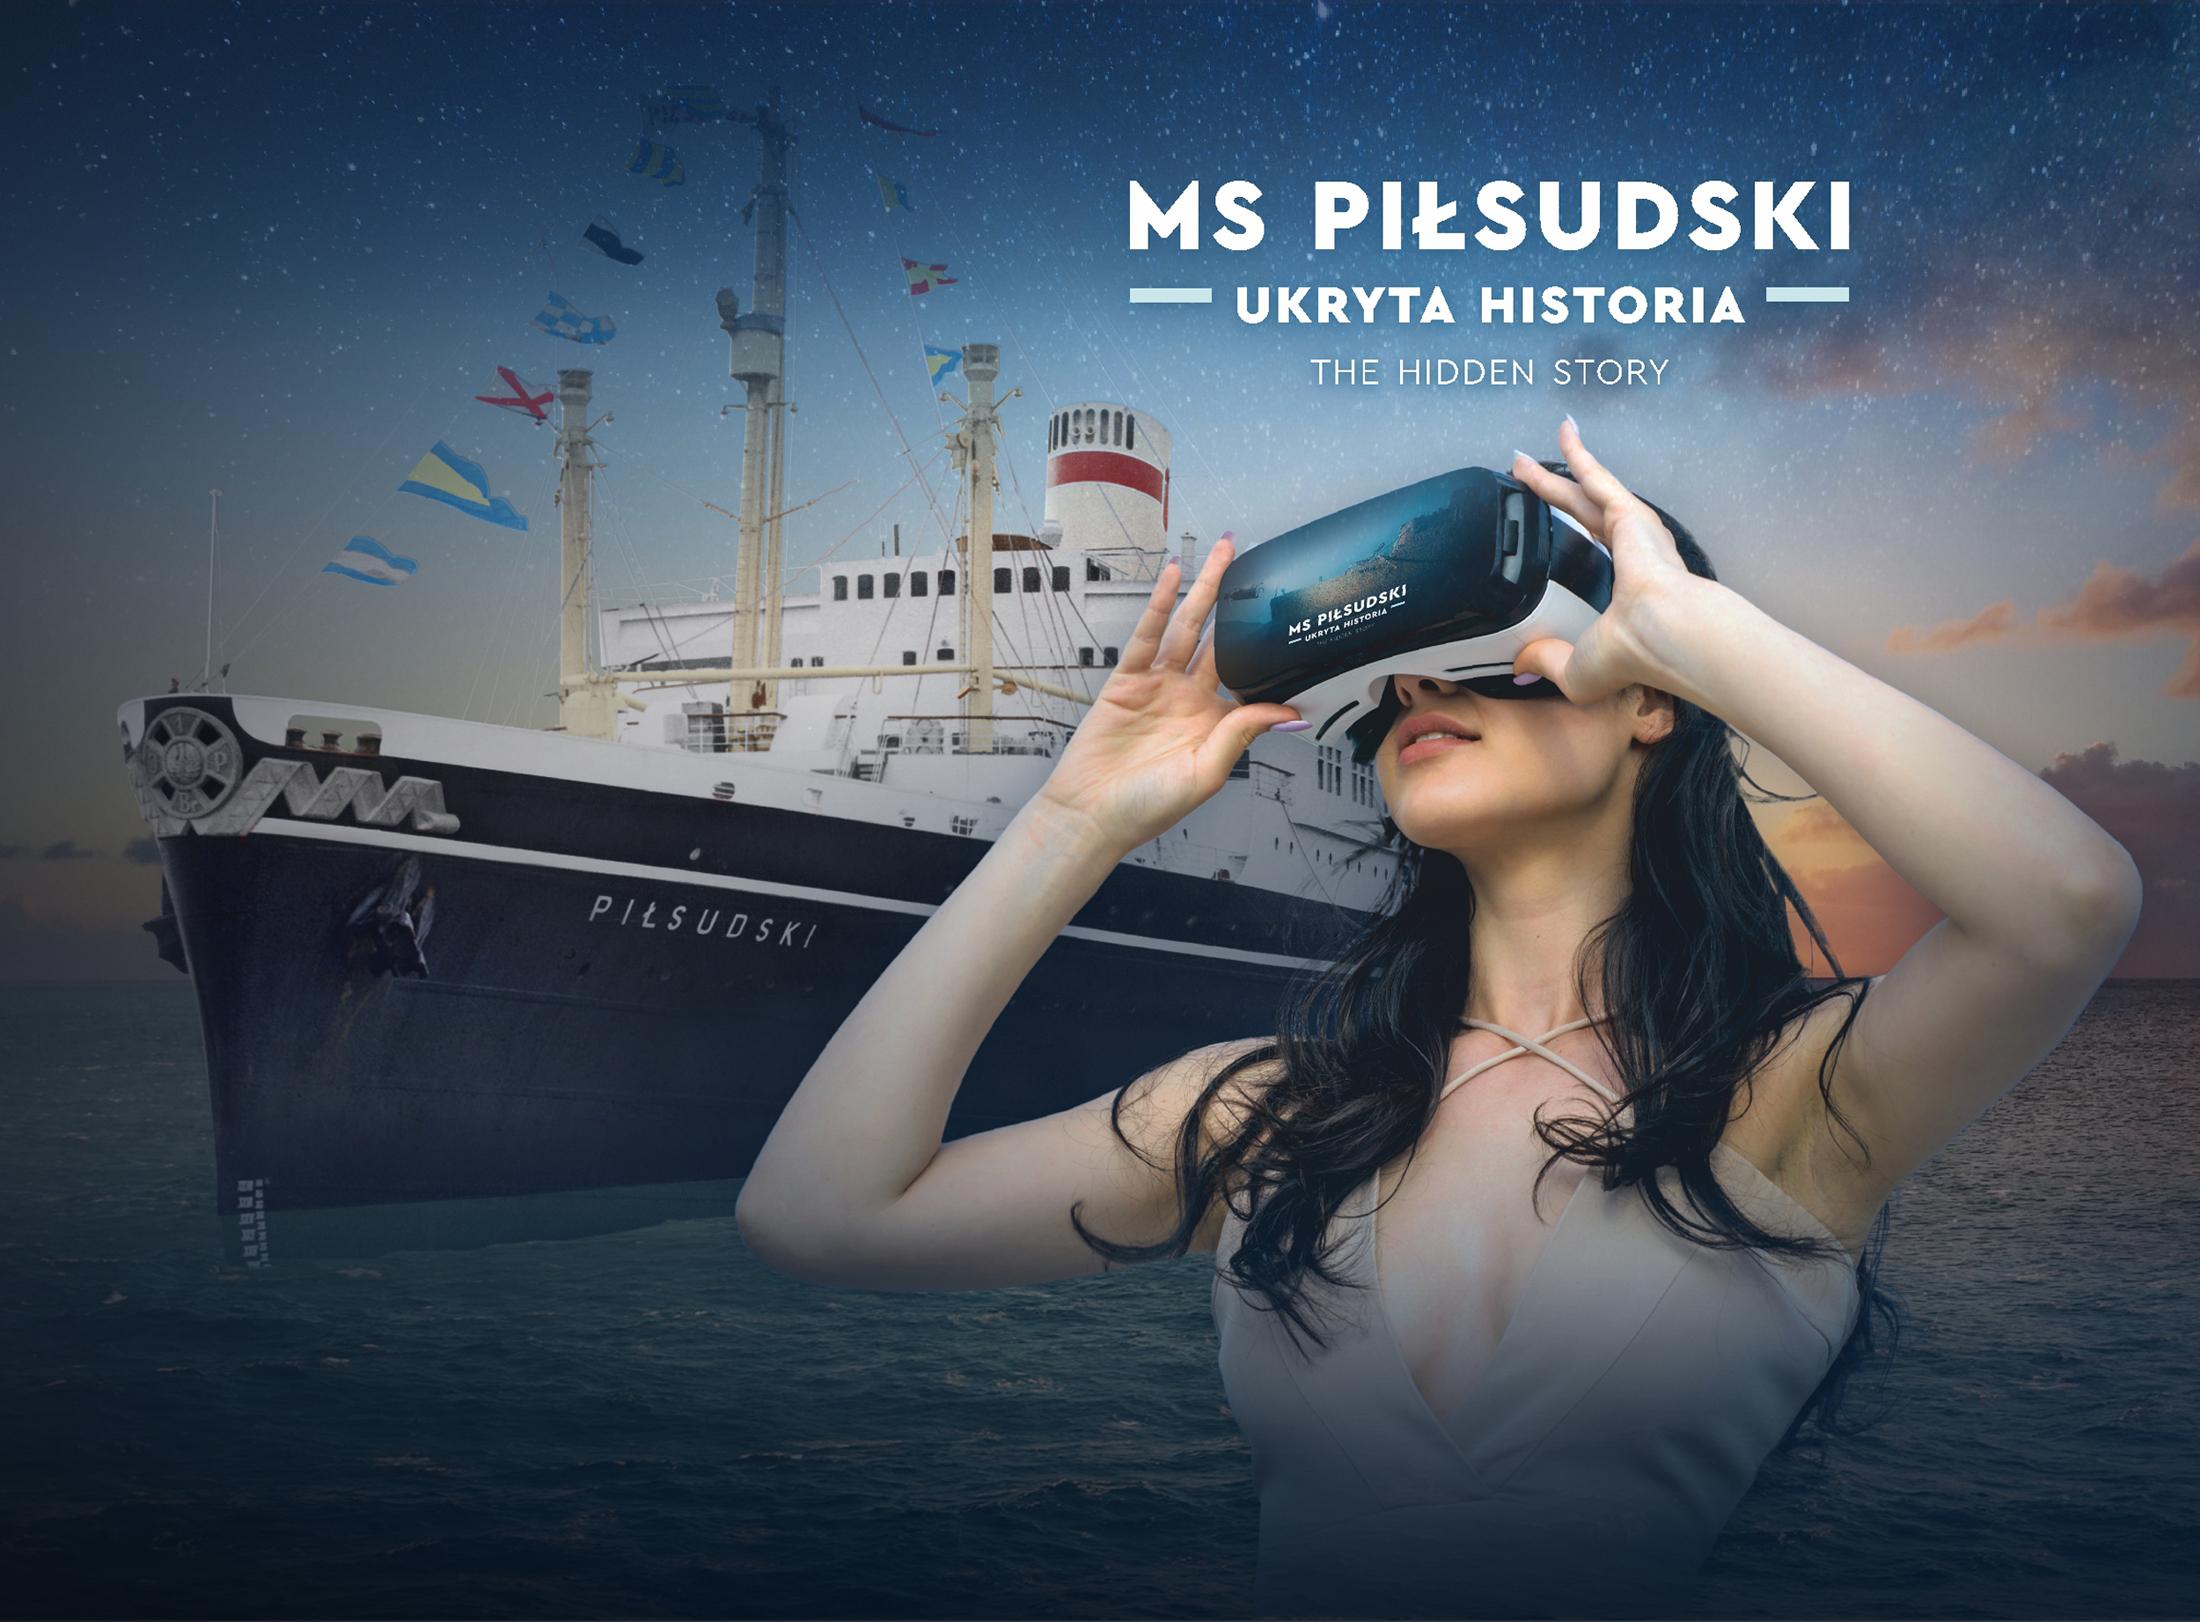 Grafika promująca projekt. Kolaż zdjęć. Na tle transatlantyku dziewczyna w okularach do wirtualnej rzeczywistości. W prawym górnym rogu tytuł: MS Piłsudski ukryta historia.